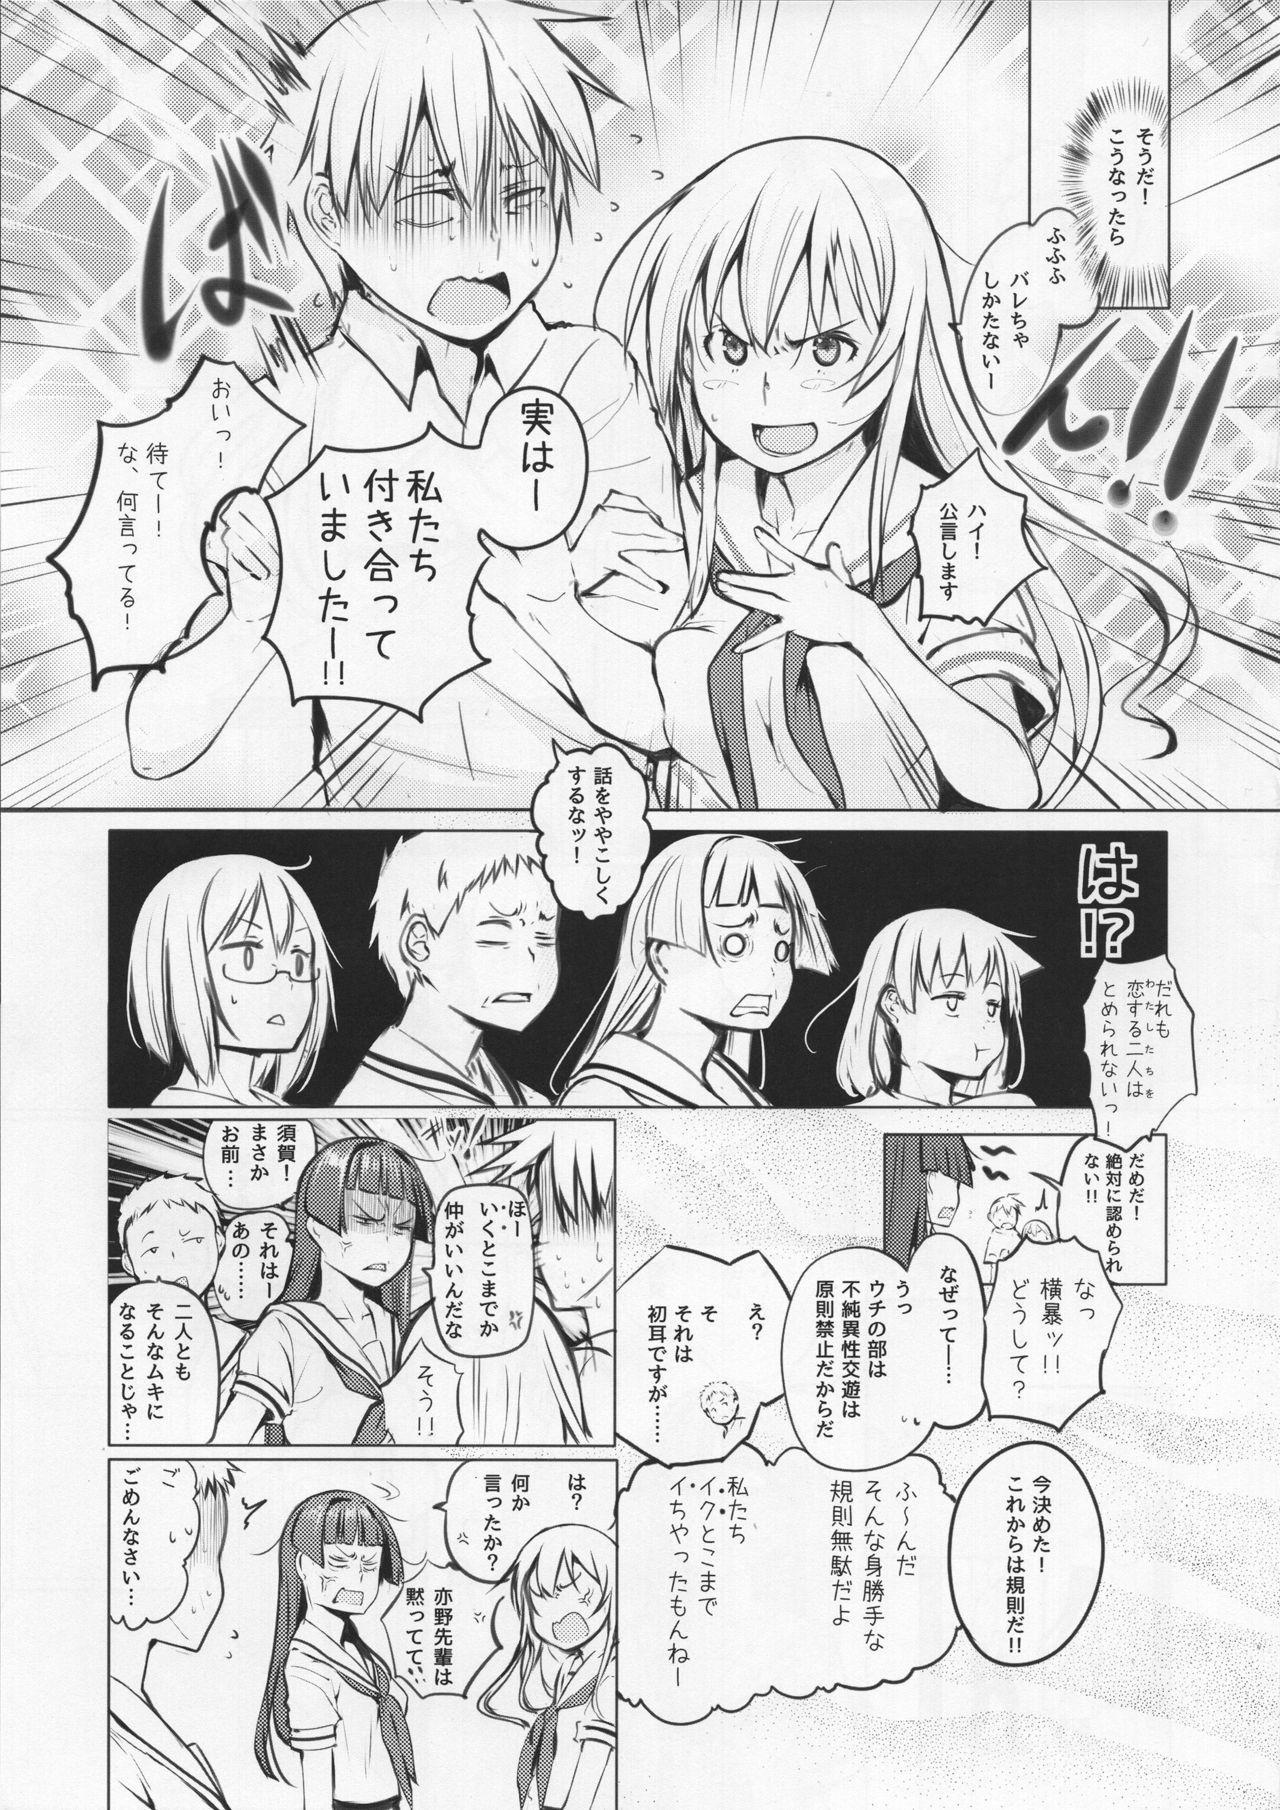 Kyoutarou ga Shuyaku 21